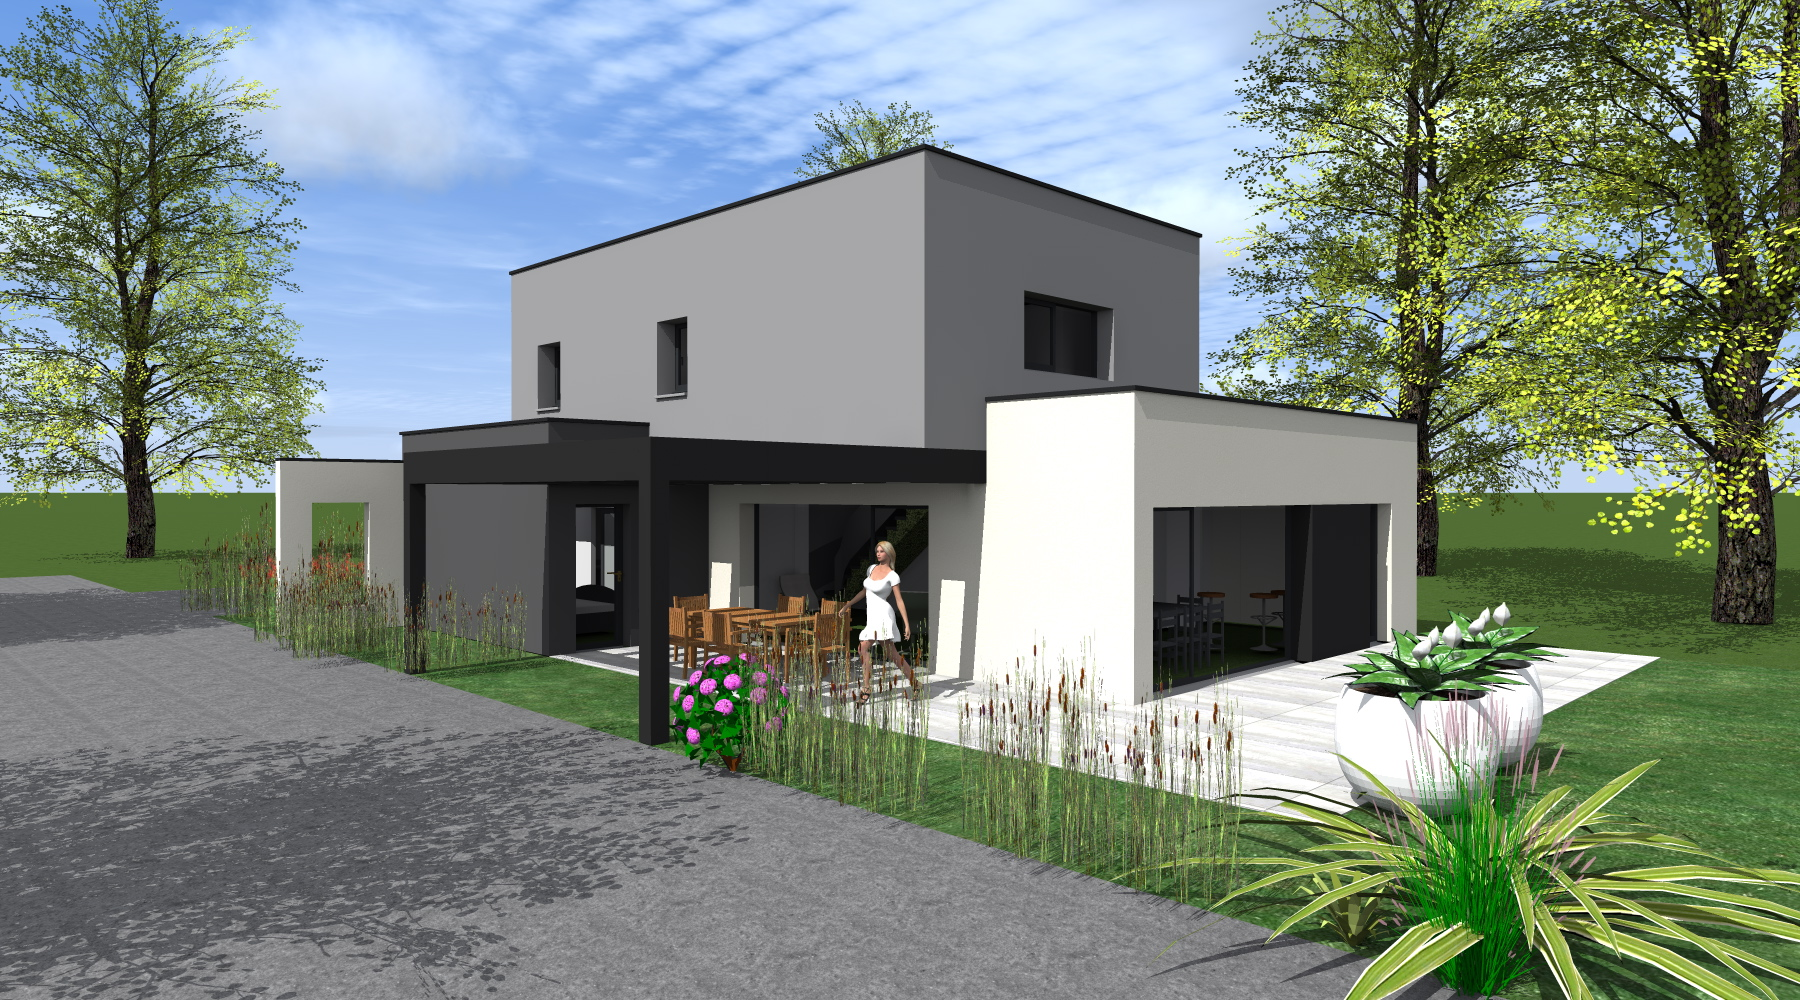 Constructeur De Maison Rennes maison neuve rt 2012 - 1.2 vue – architecte / lise roturier